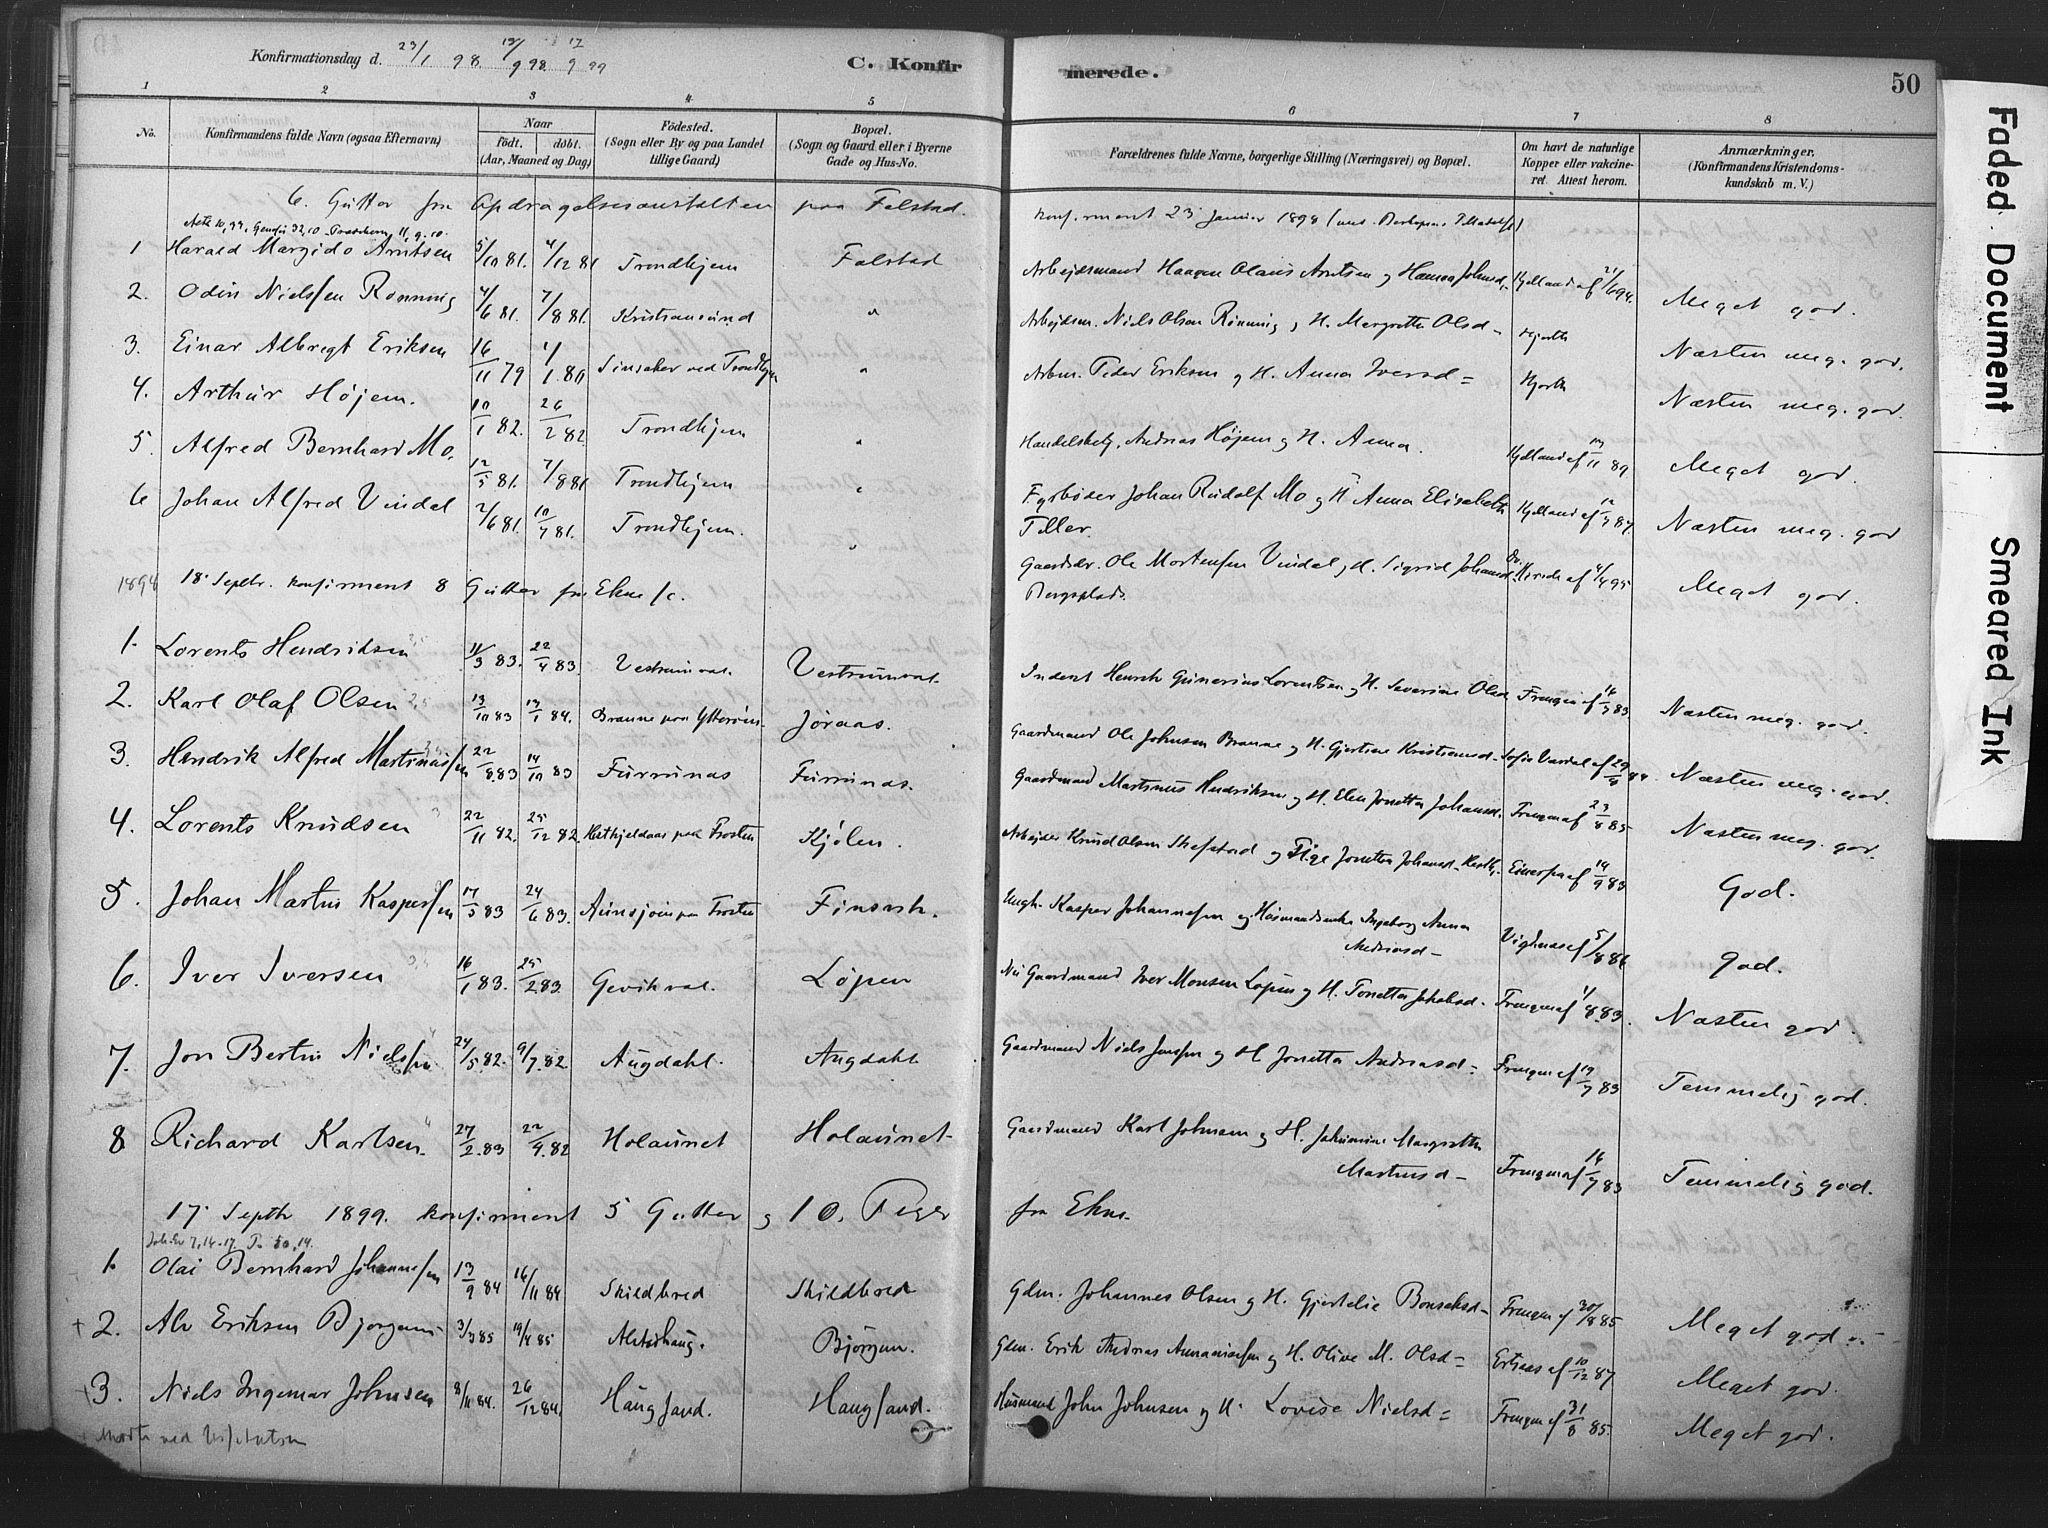 SAT, Ministerialprotokoller, klokkerbøker og fødselsregistre - Nord-Trøndelag, 719/L0178: Ministerialbok nr. 719A01, 1878-1900, s. 50